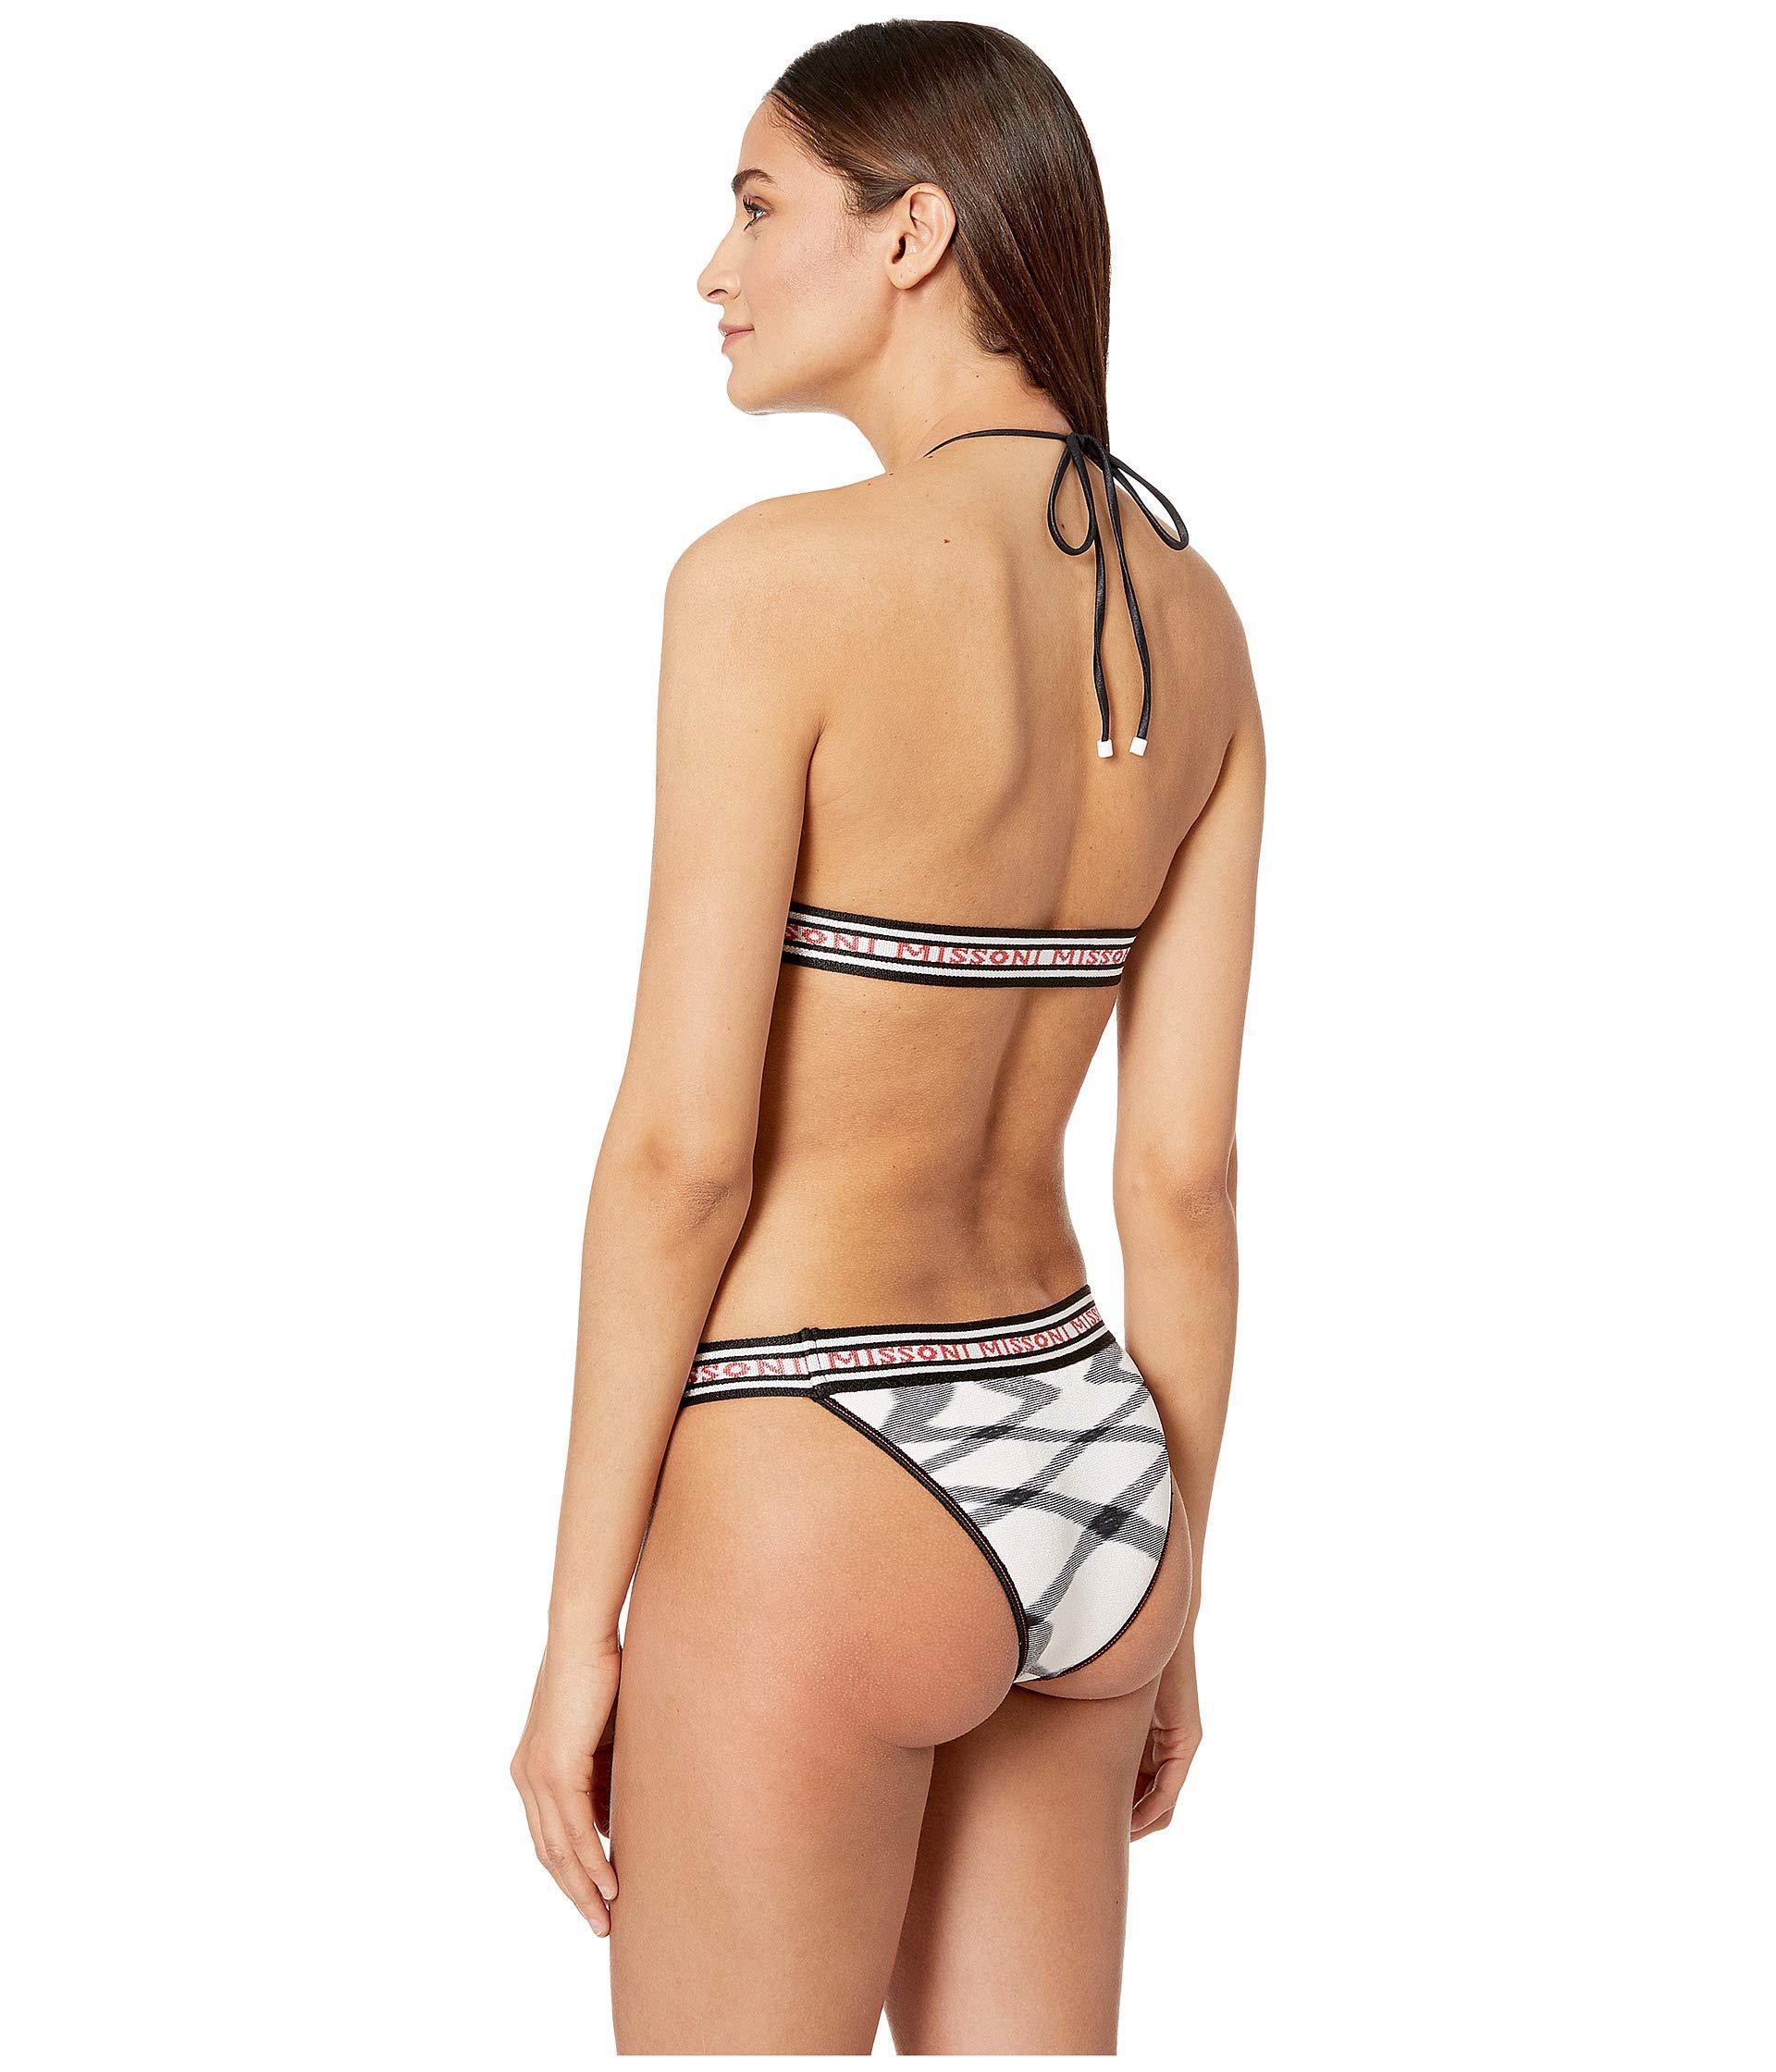 4ae24821aec74 Missoni - Fiammata Bikini (black pink) Women s Swimwear Sets - Lyst. View  fullscreen